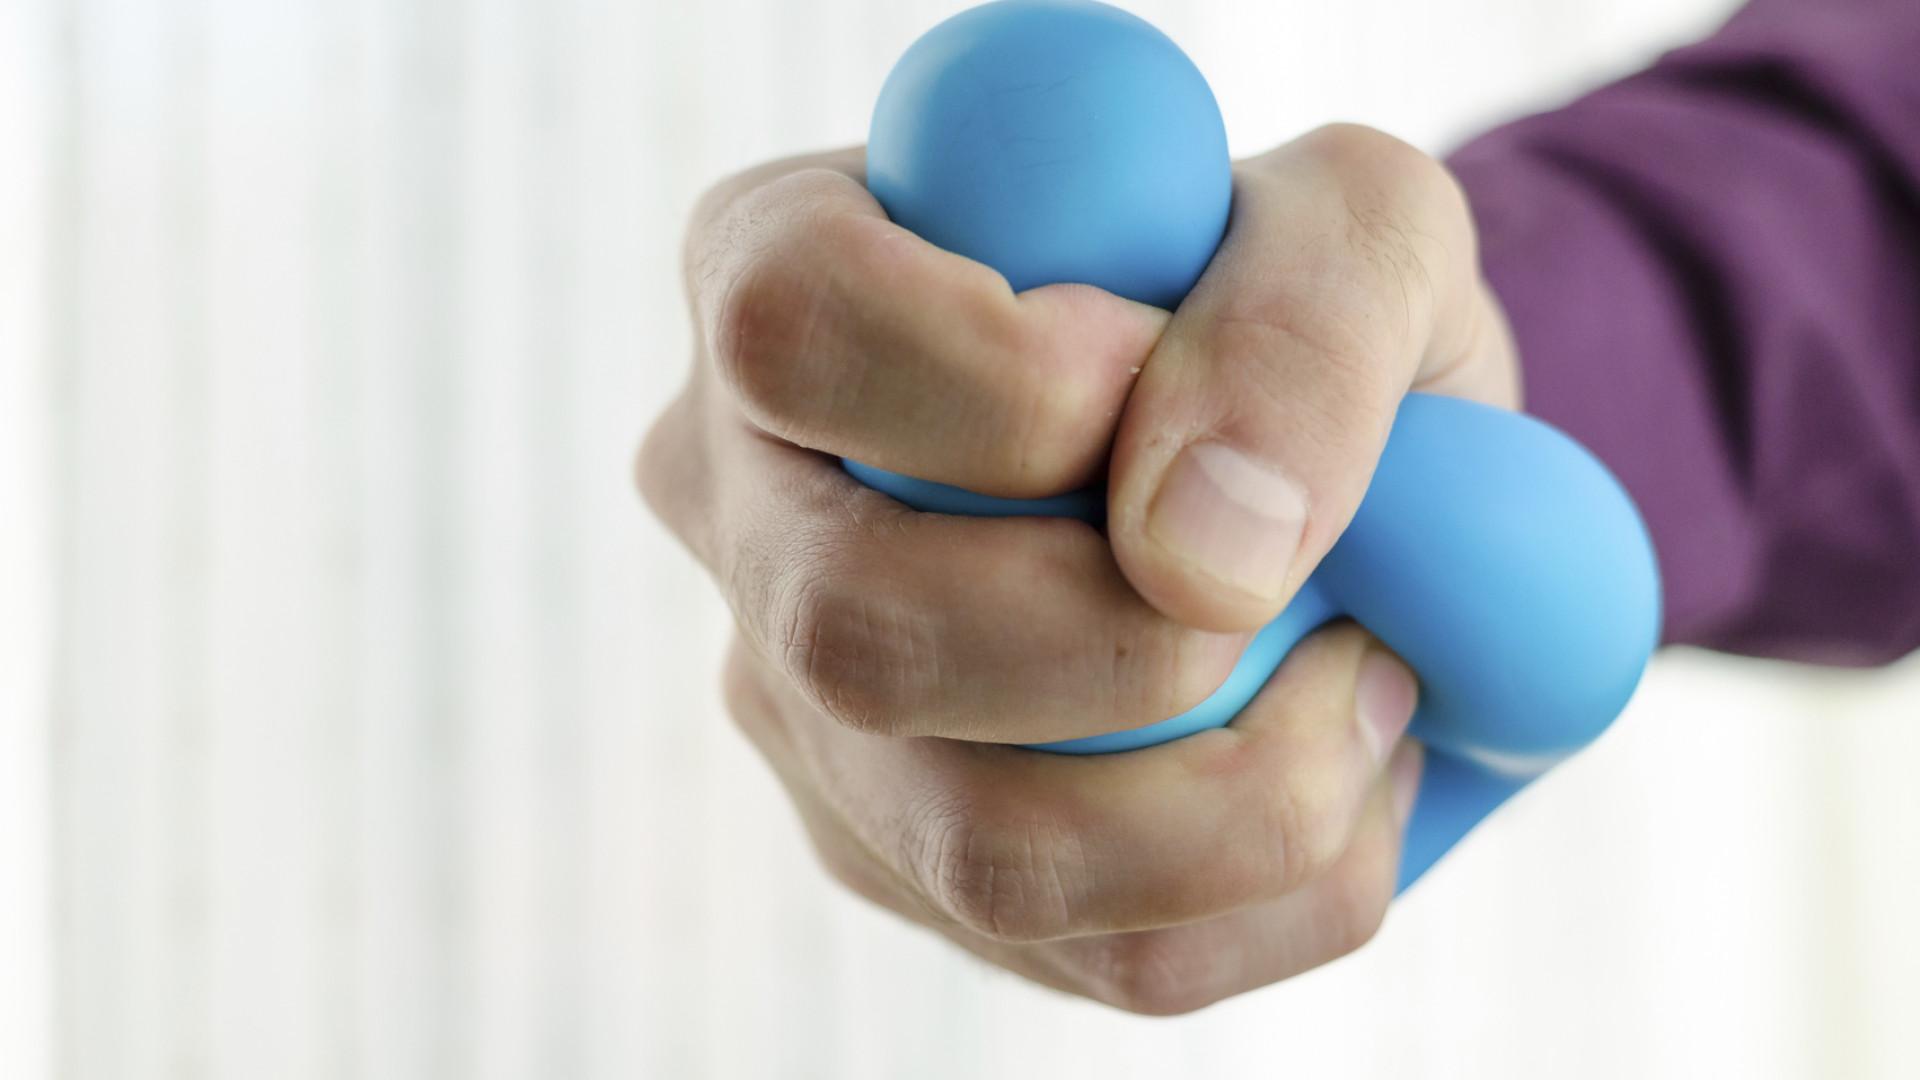 Cinco estratégias simples para reduzir o estresse